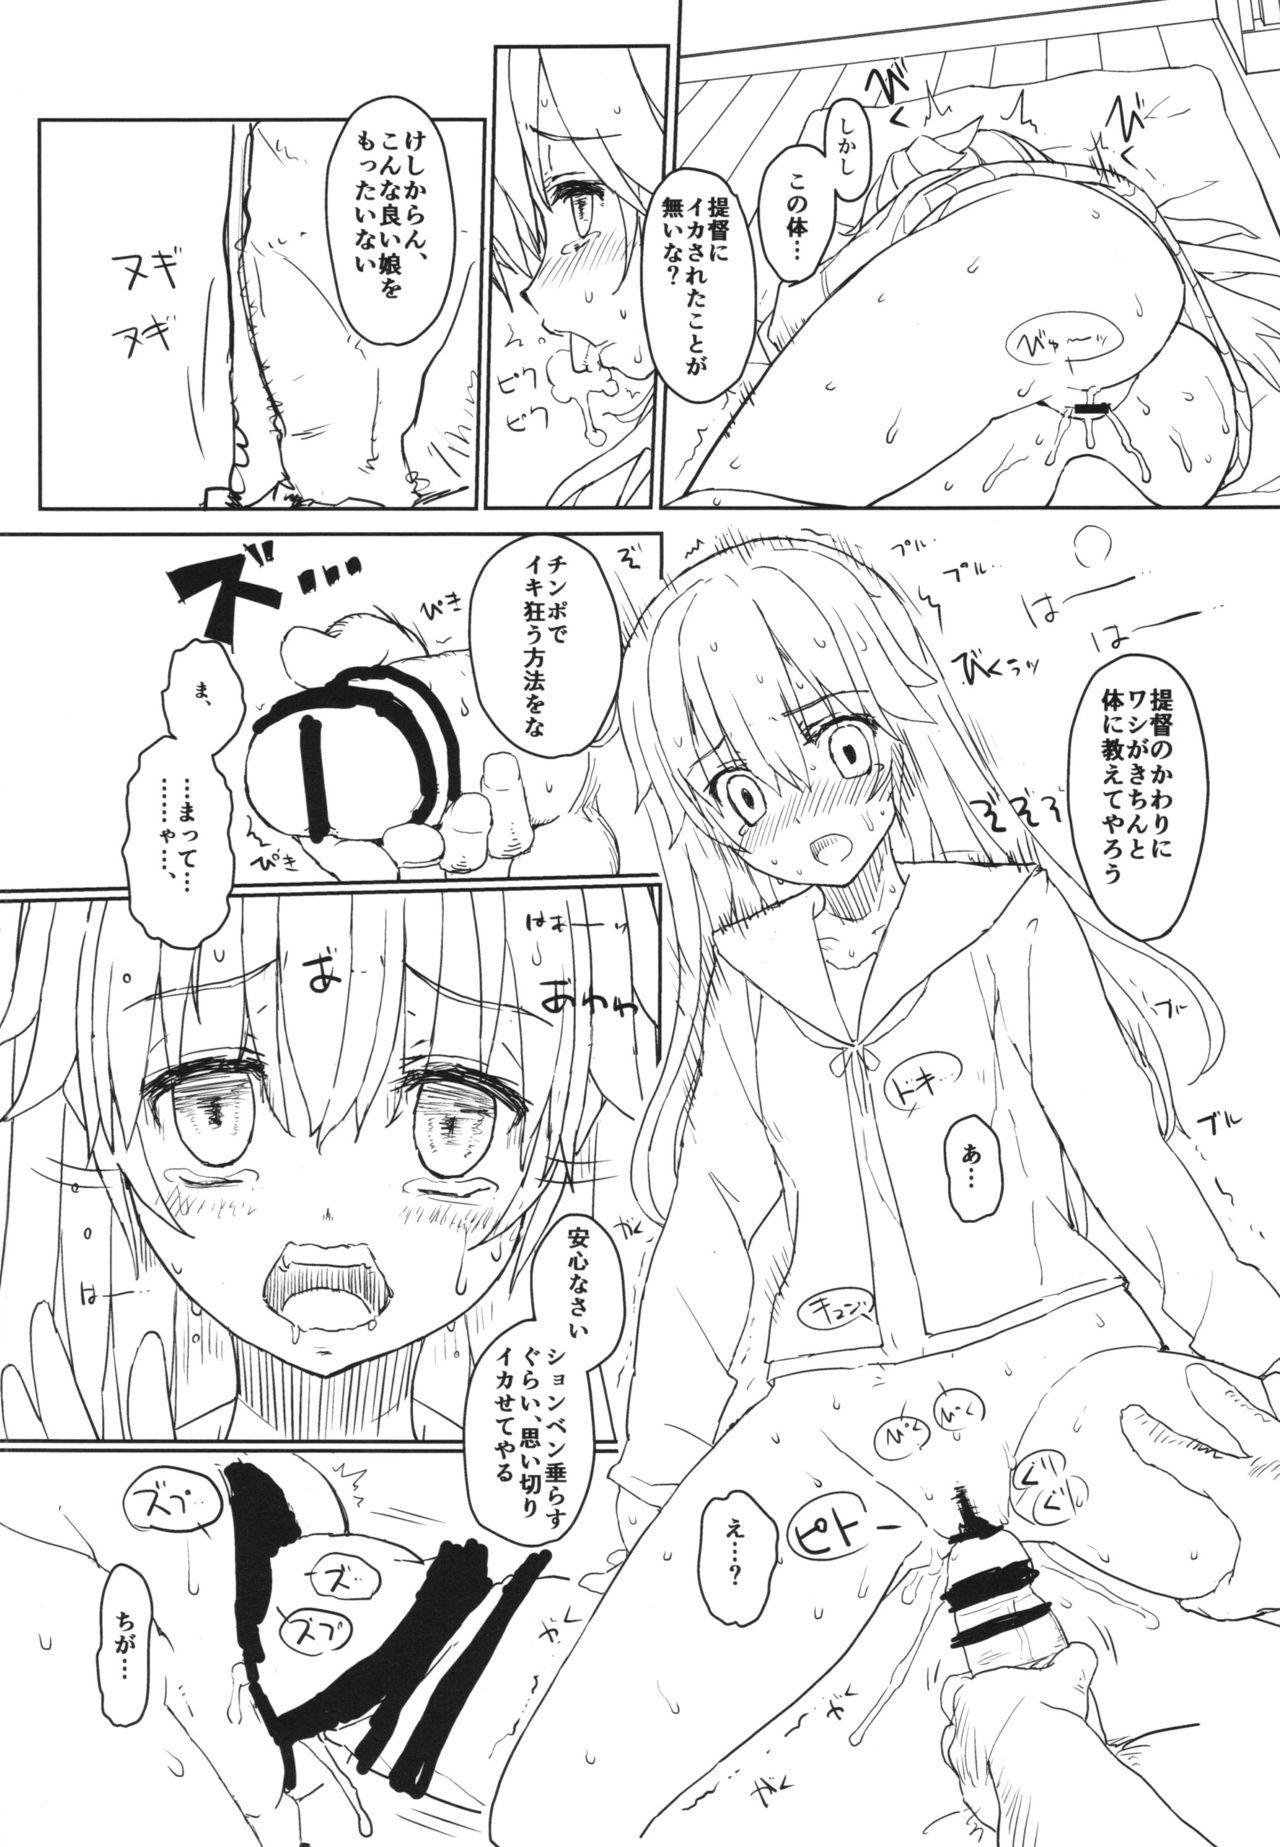 Ushio no Onsen Kuchikukan 19